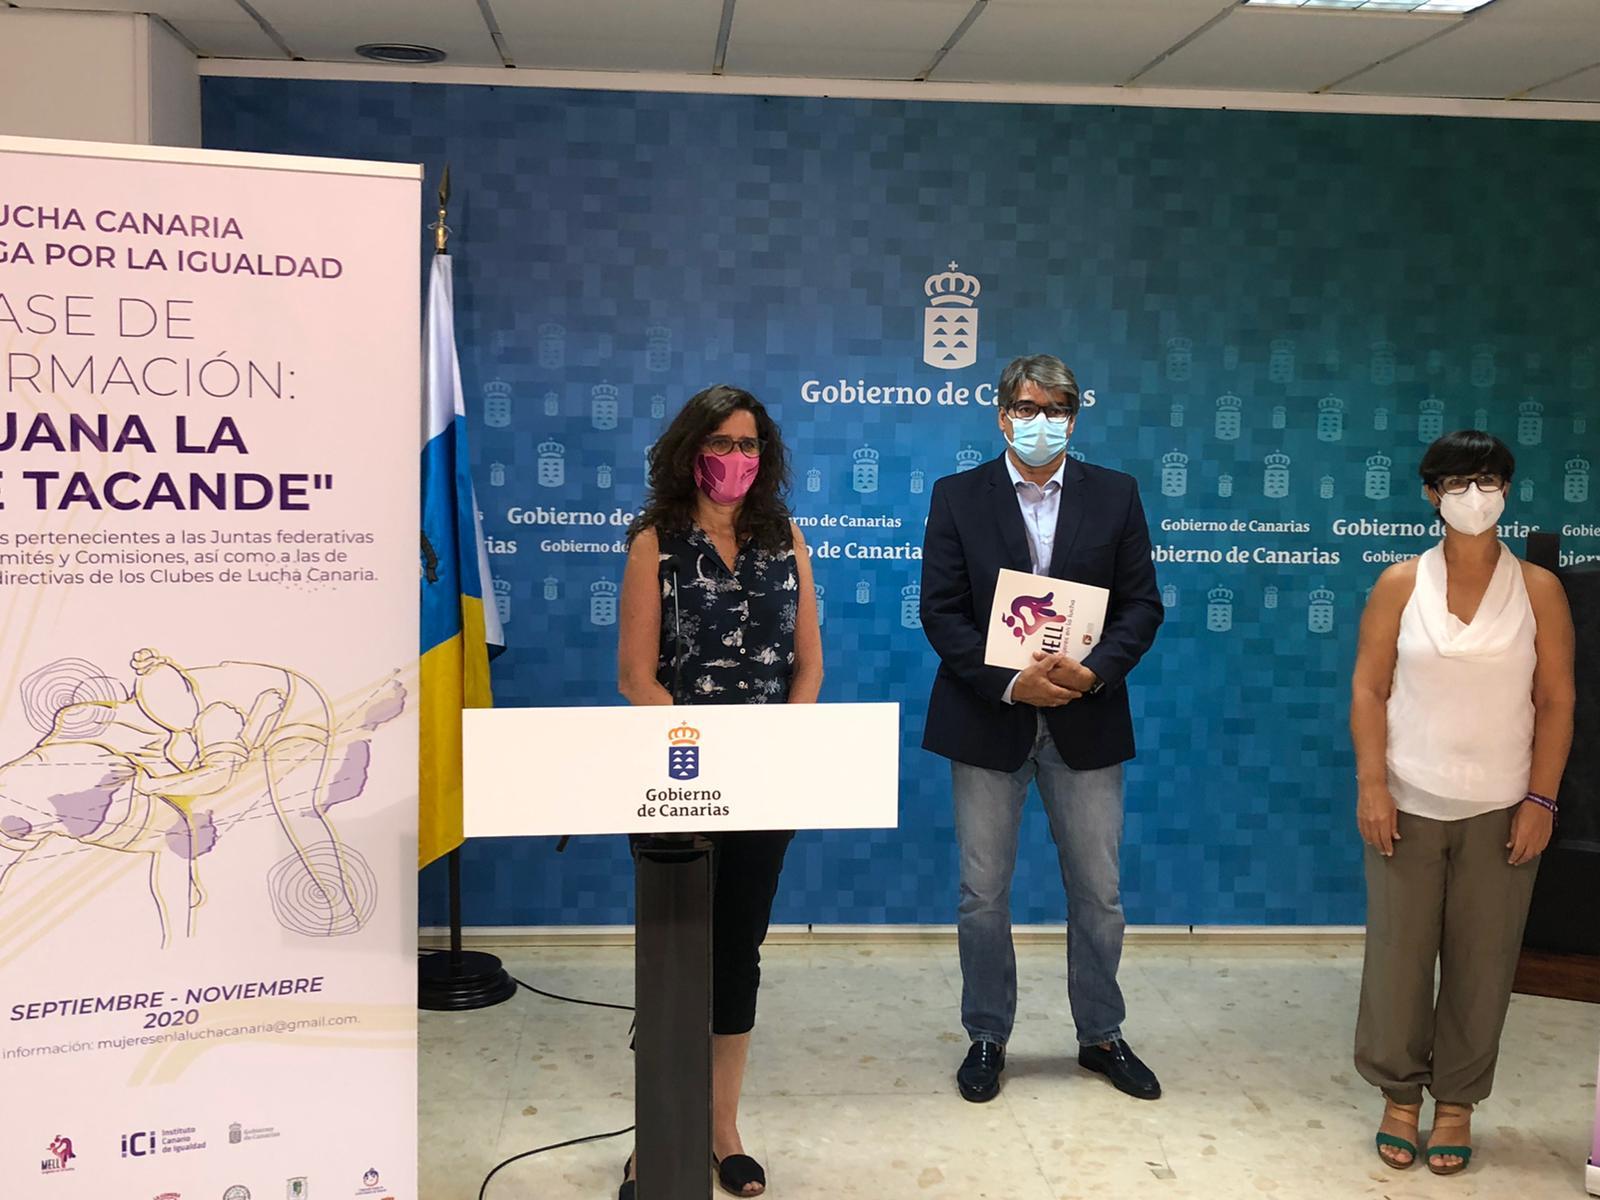 El ICI y la Federación de Lucha Canaria impulsan un proyecto para incorporar la perspectiva de género